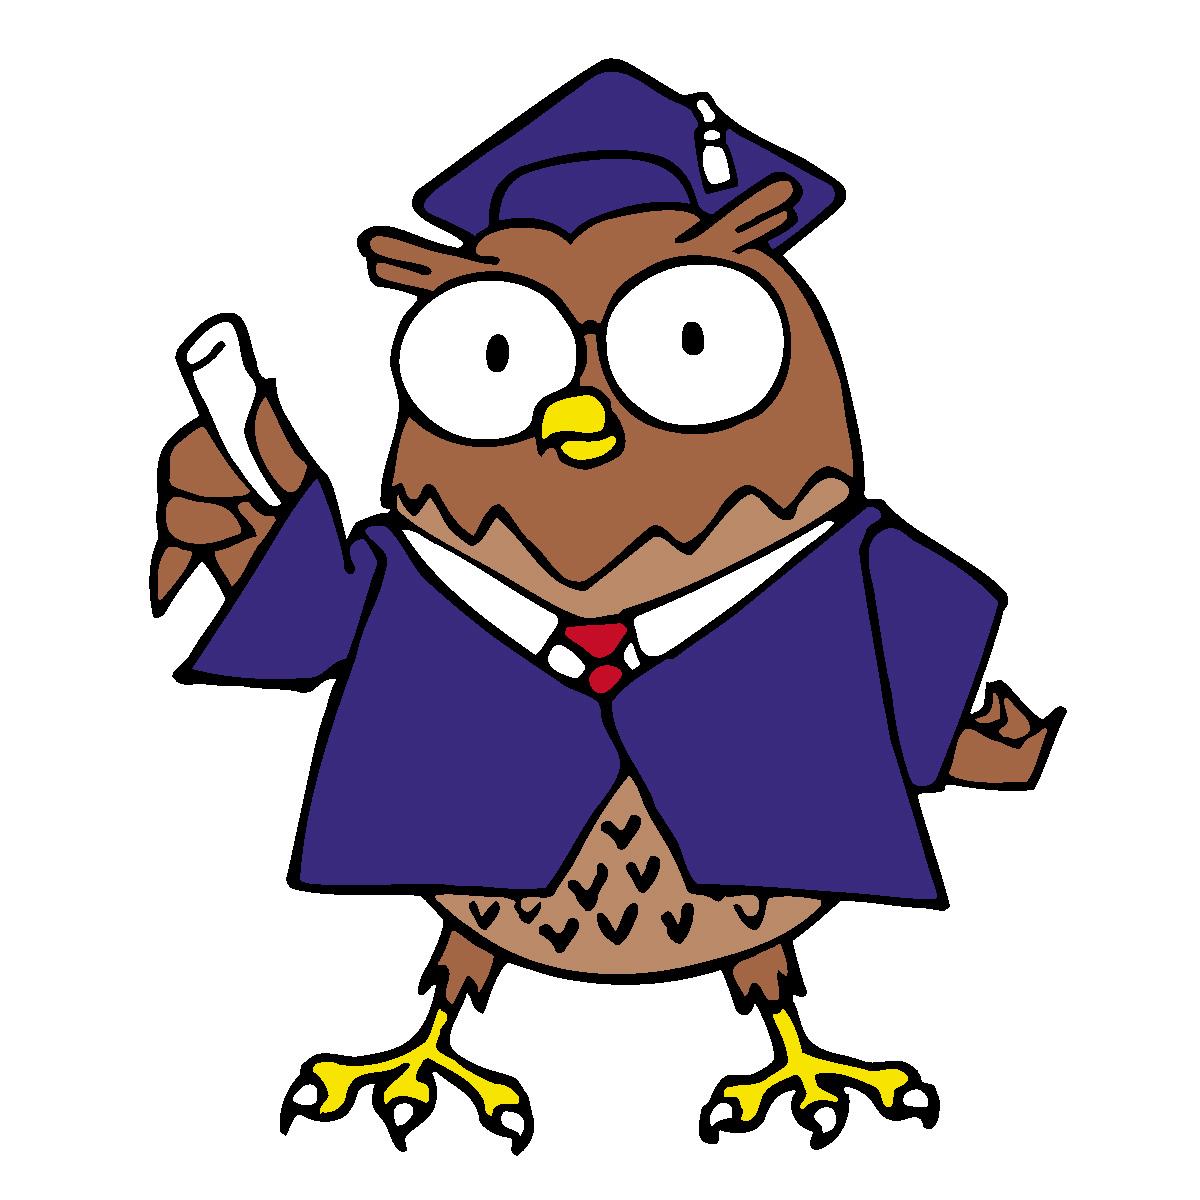 Clipart Vector Professor Owl . .-Clipart Vector Professor Owl . .-18